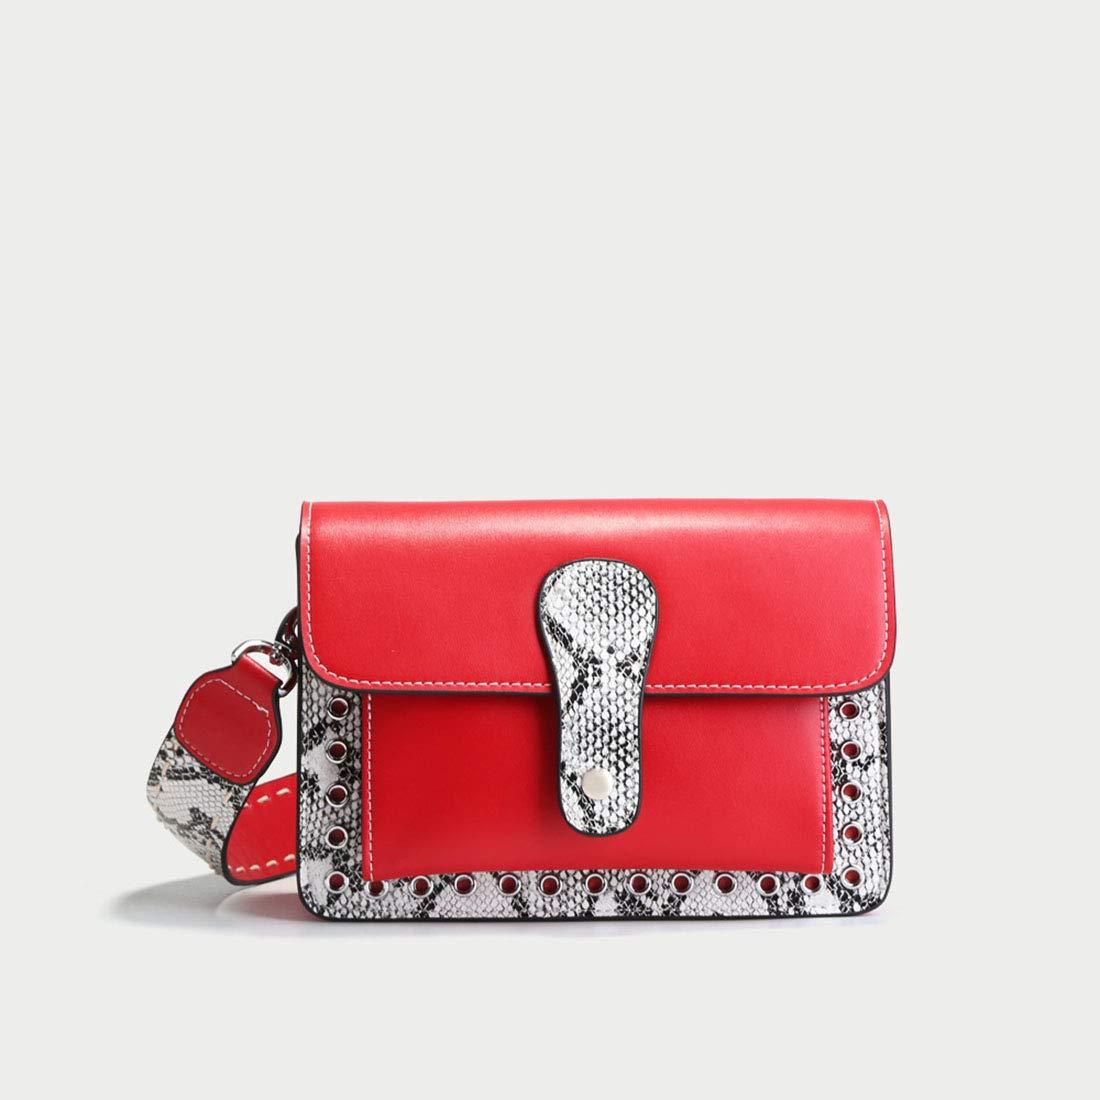 FELICIOO Damen Wild Breit Schultergurt Handtaschen Rindsleder Tasche Große Kapazität Kapazität Kapazität Umhängetasche Diagonal Cross Bag (Farbe   rot) B07LGNXD9C Schultertaschen Angenehmes Gefühl 213be5